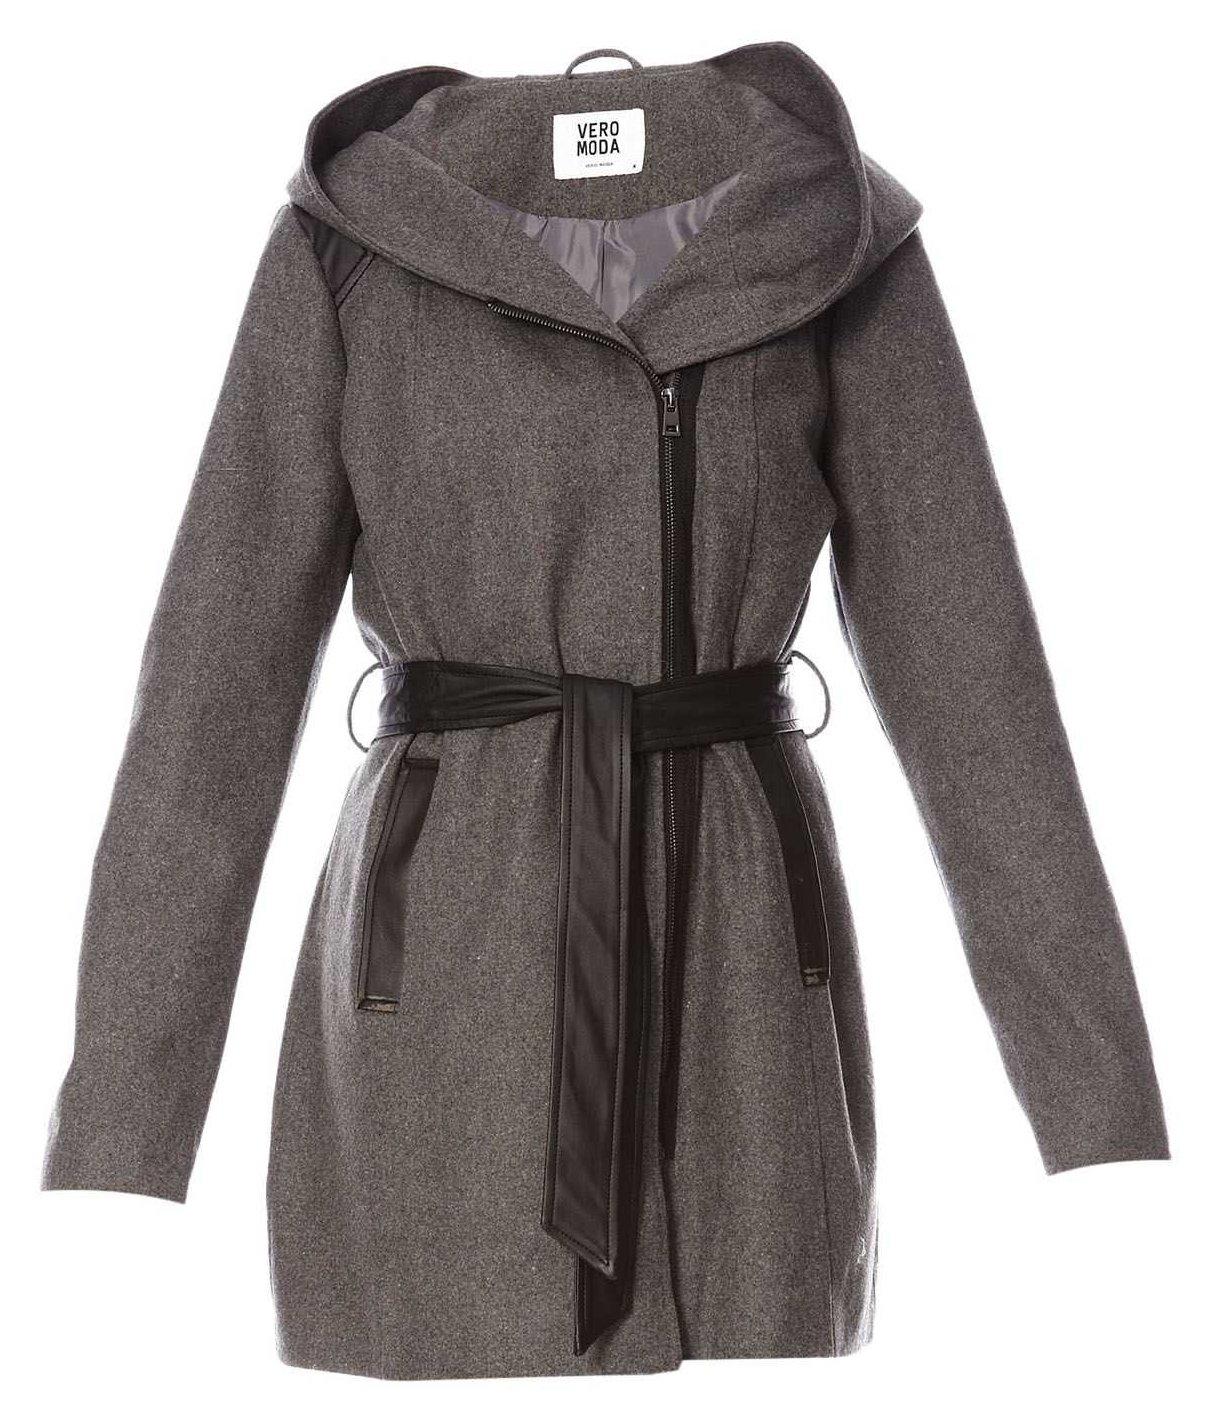 manteau vero moda